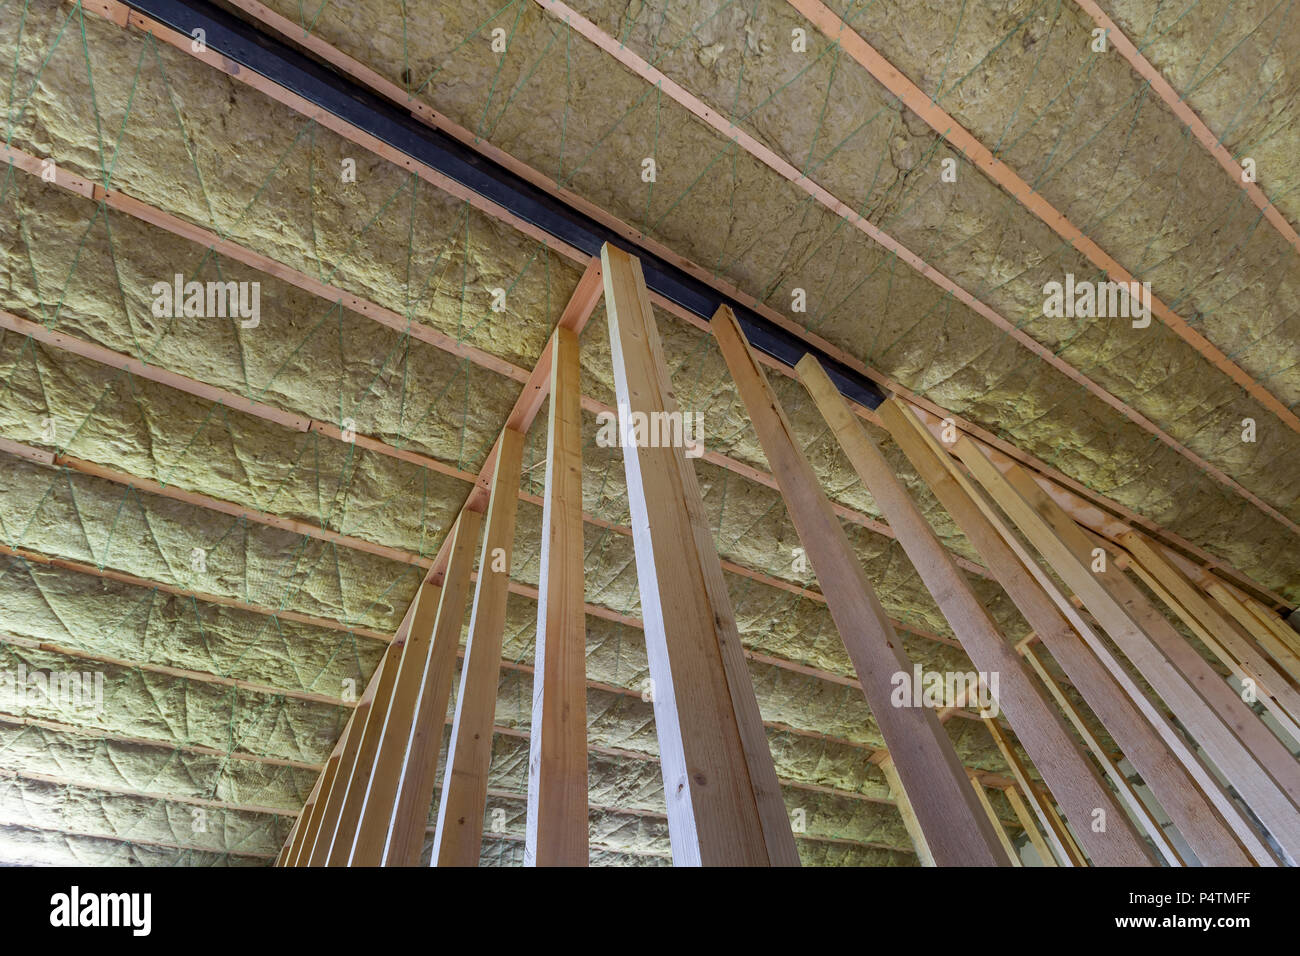 Oltre Il Soffitto Di Vetro : Oltre il soffitto di vetro qualche foto dal convegno al fuligno